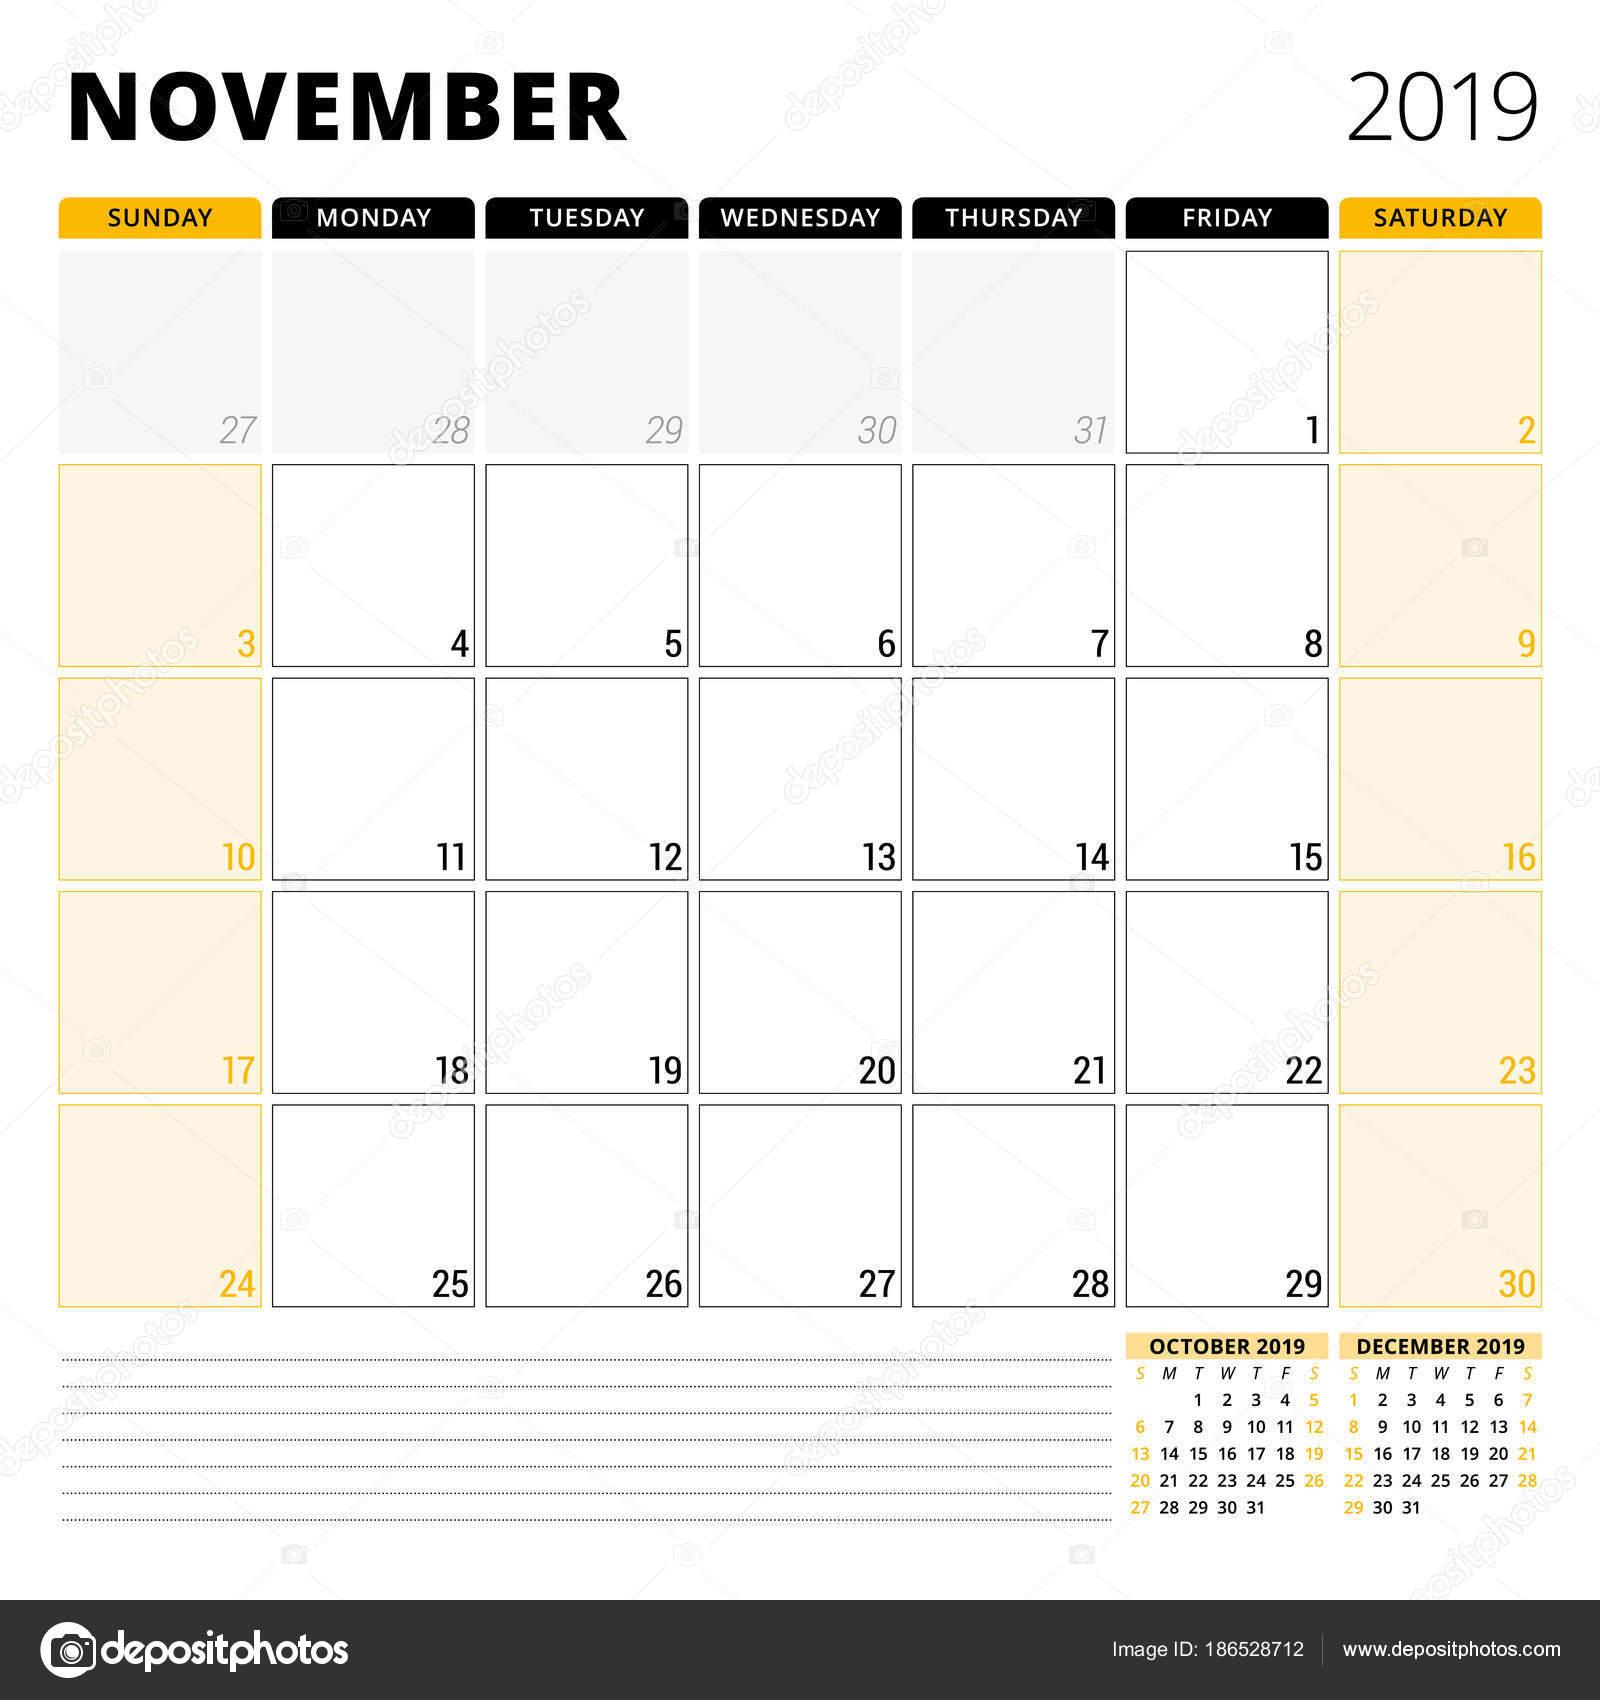 2019 november naptár Naptár tervező November 2019. Levélpapír tervezősablon. Hét  2019 november naptár